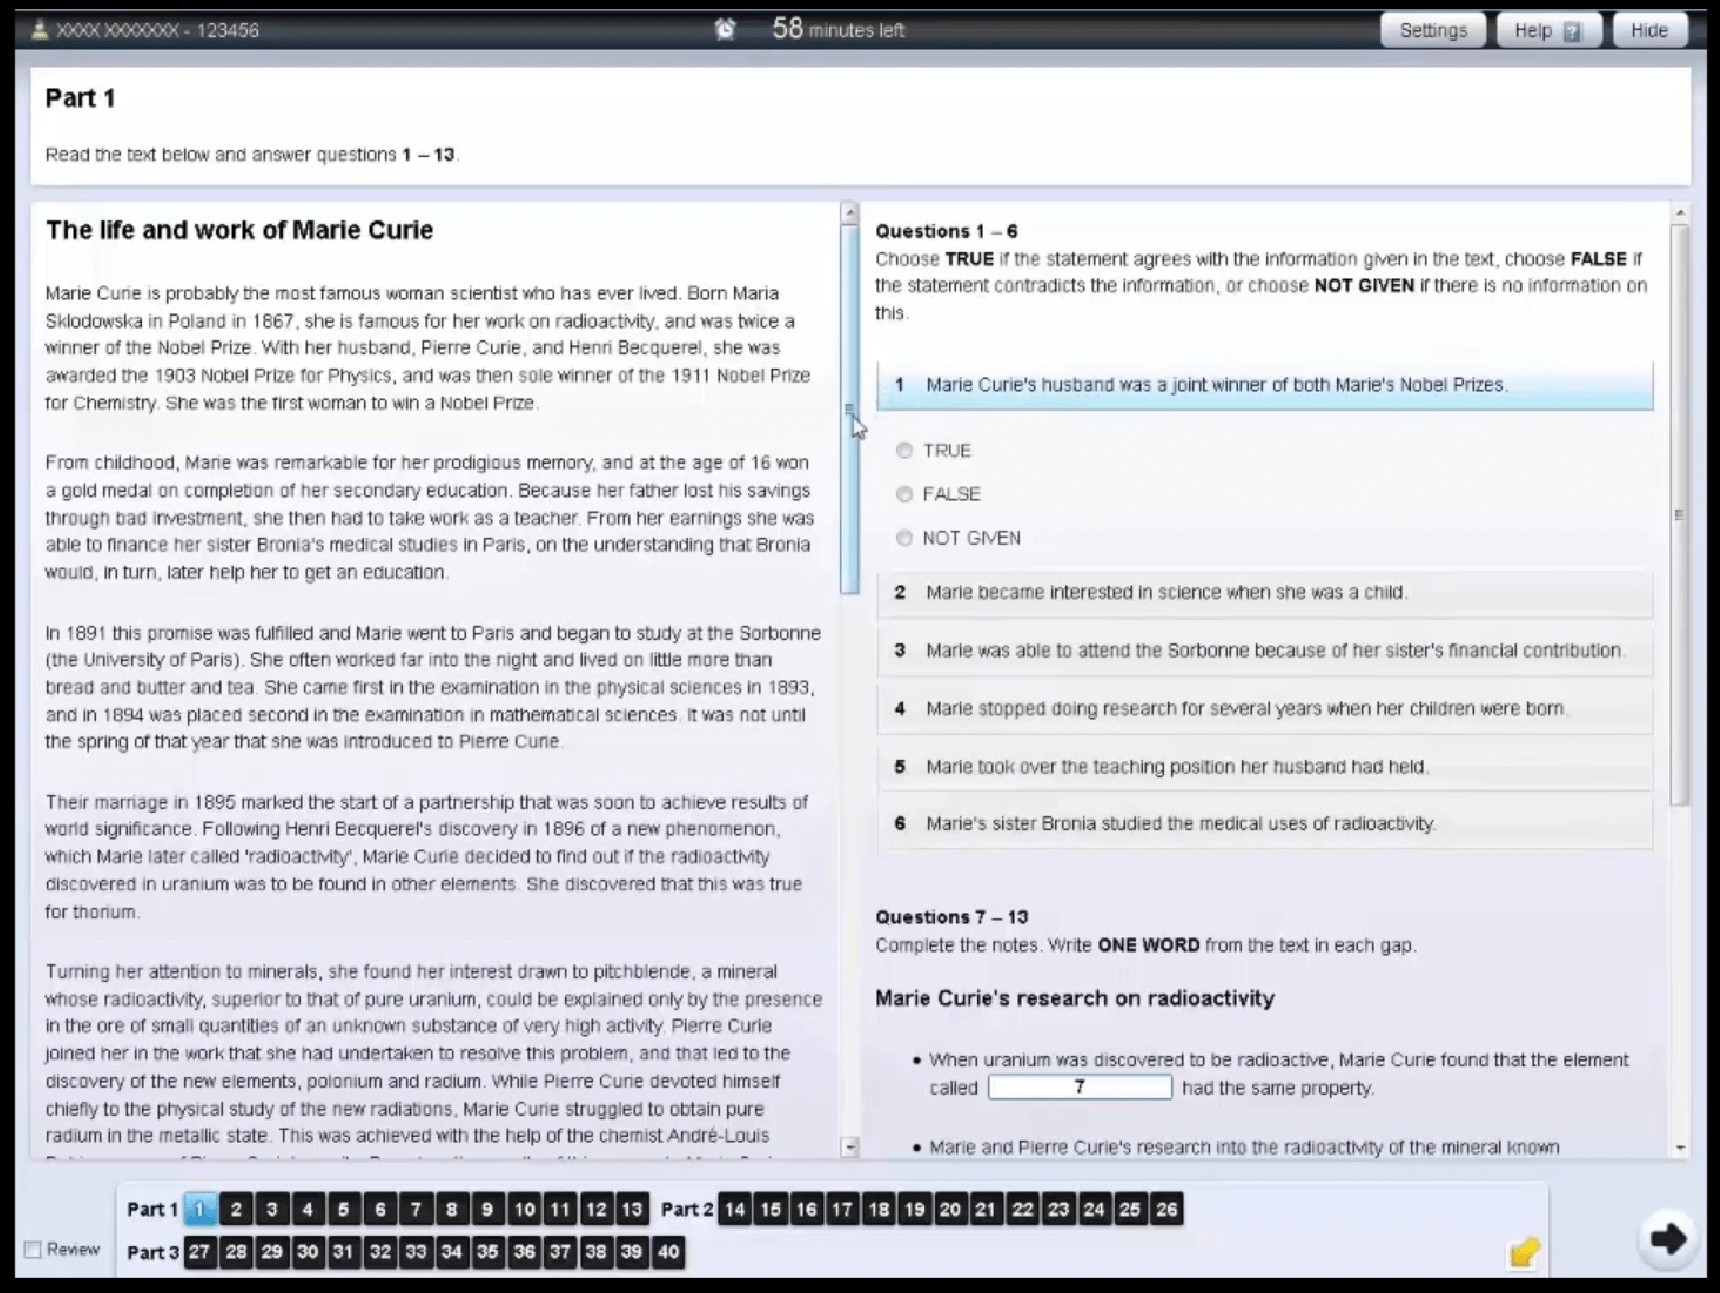 IELTSコンピューター受験 リーディング